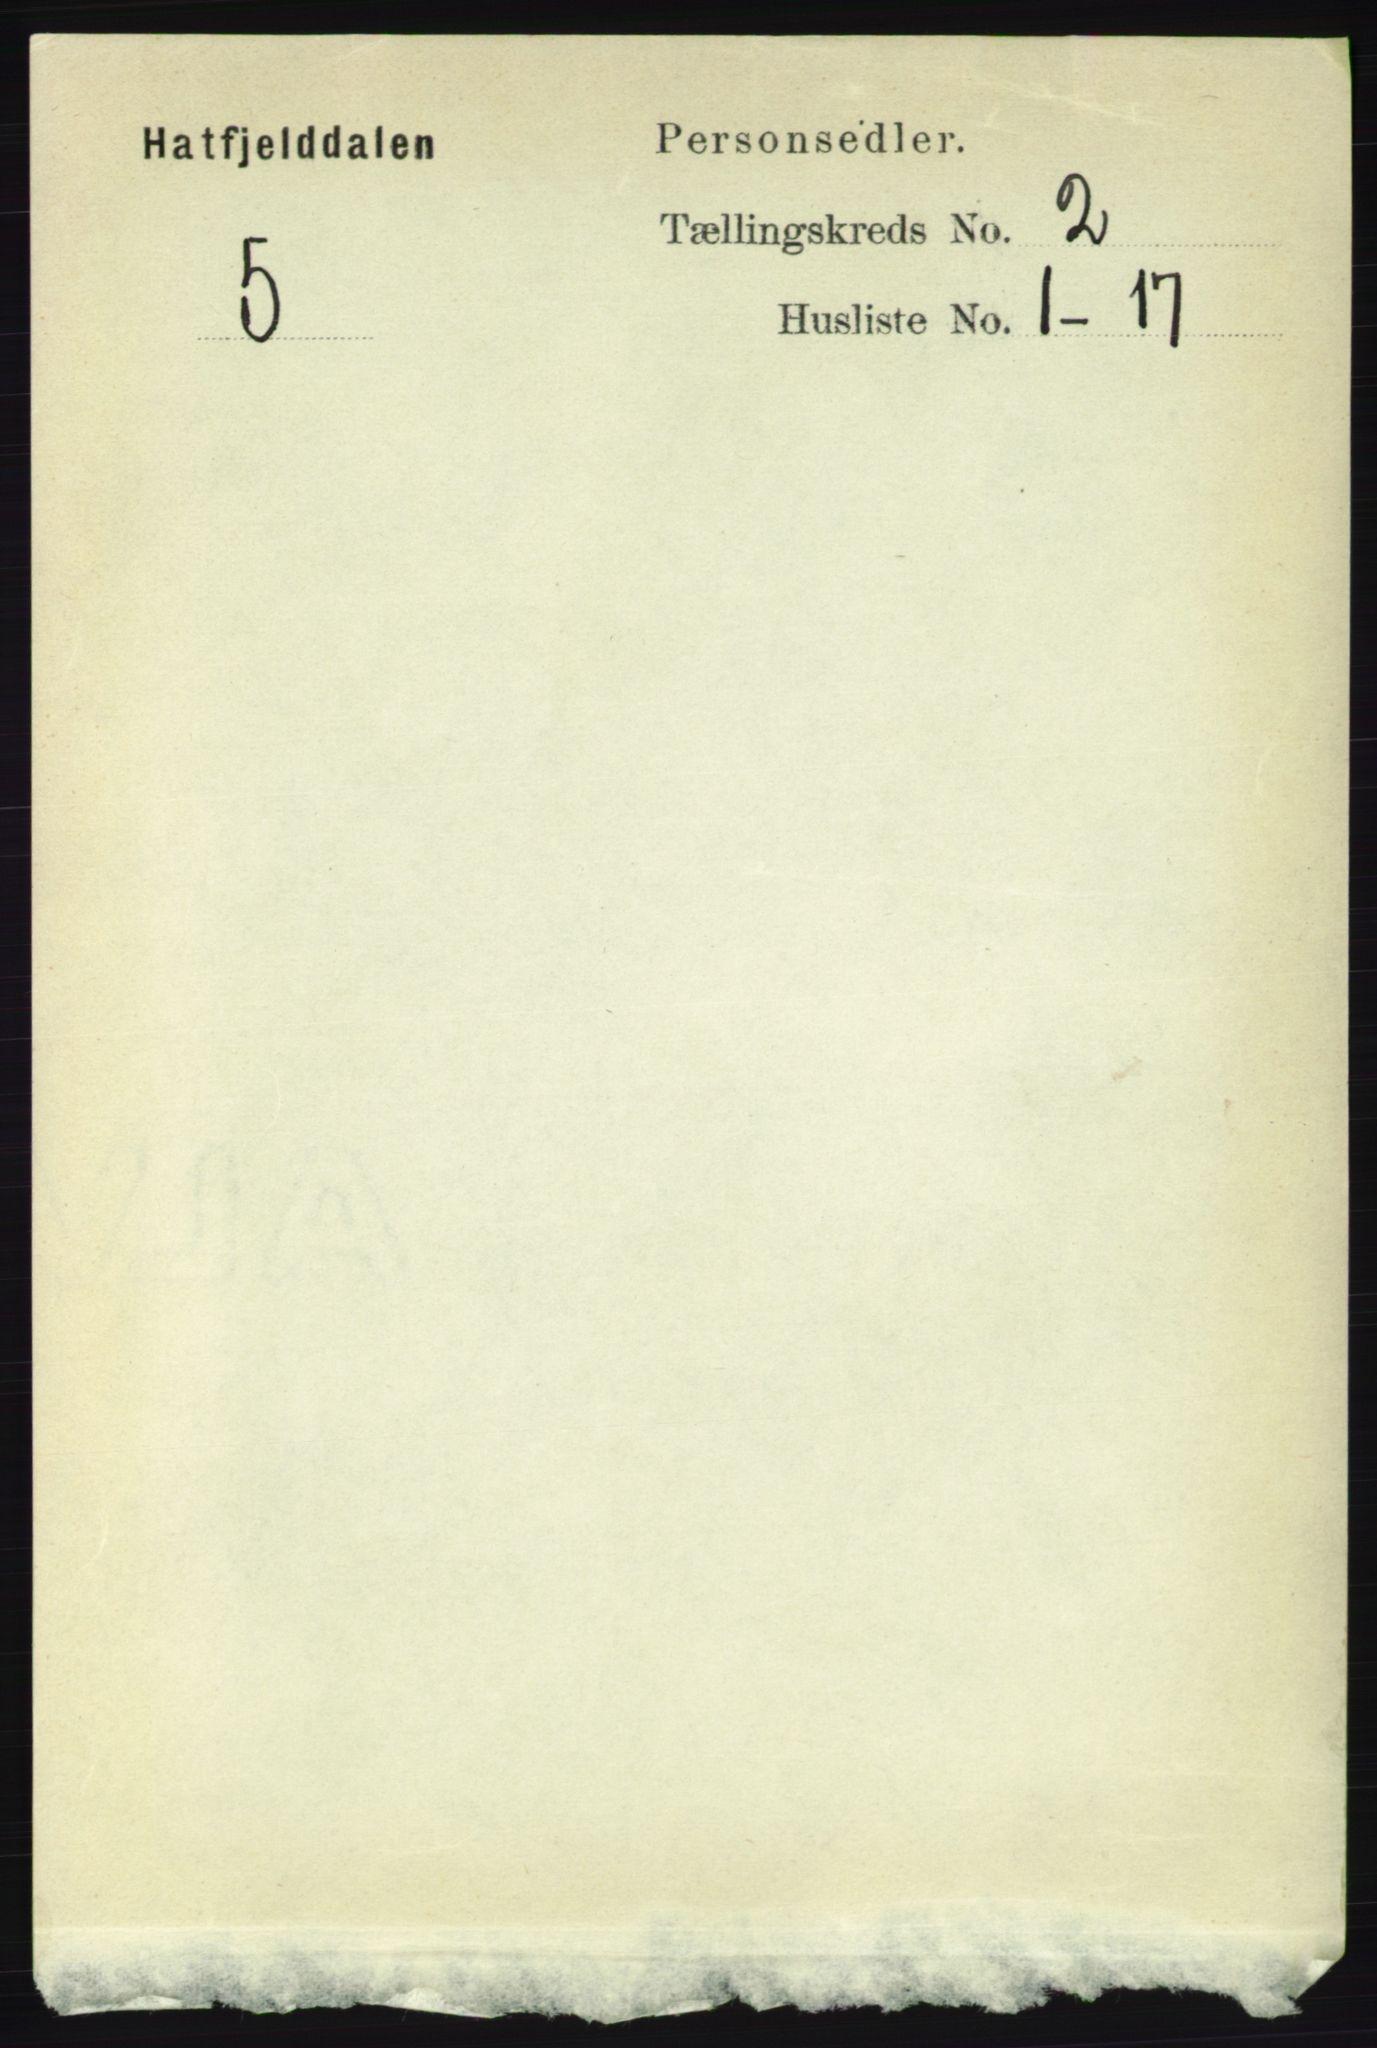 RA, Folketelling 1891 for 1826 Hattfjelldal herred, 1891, s. 287